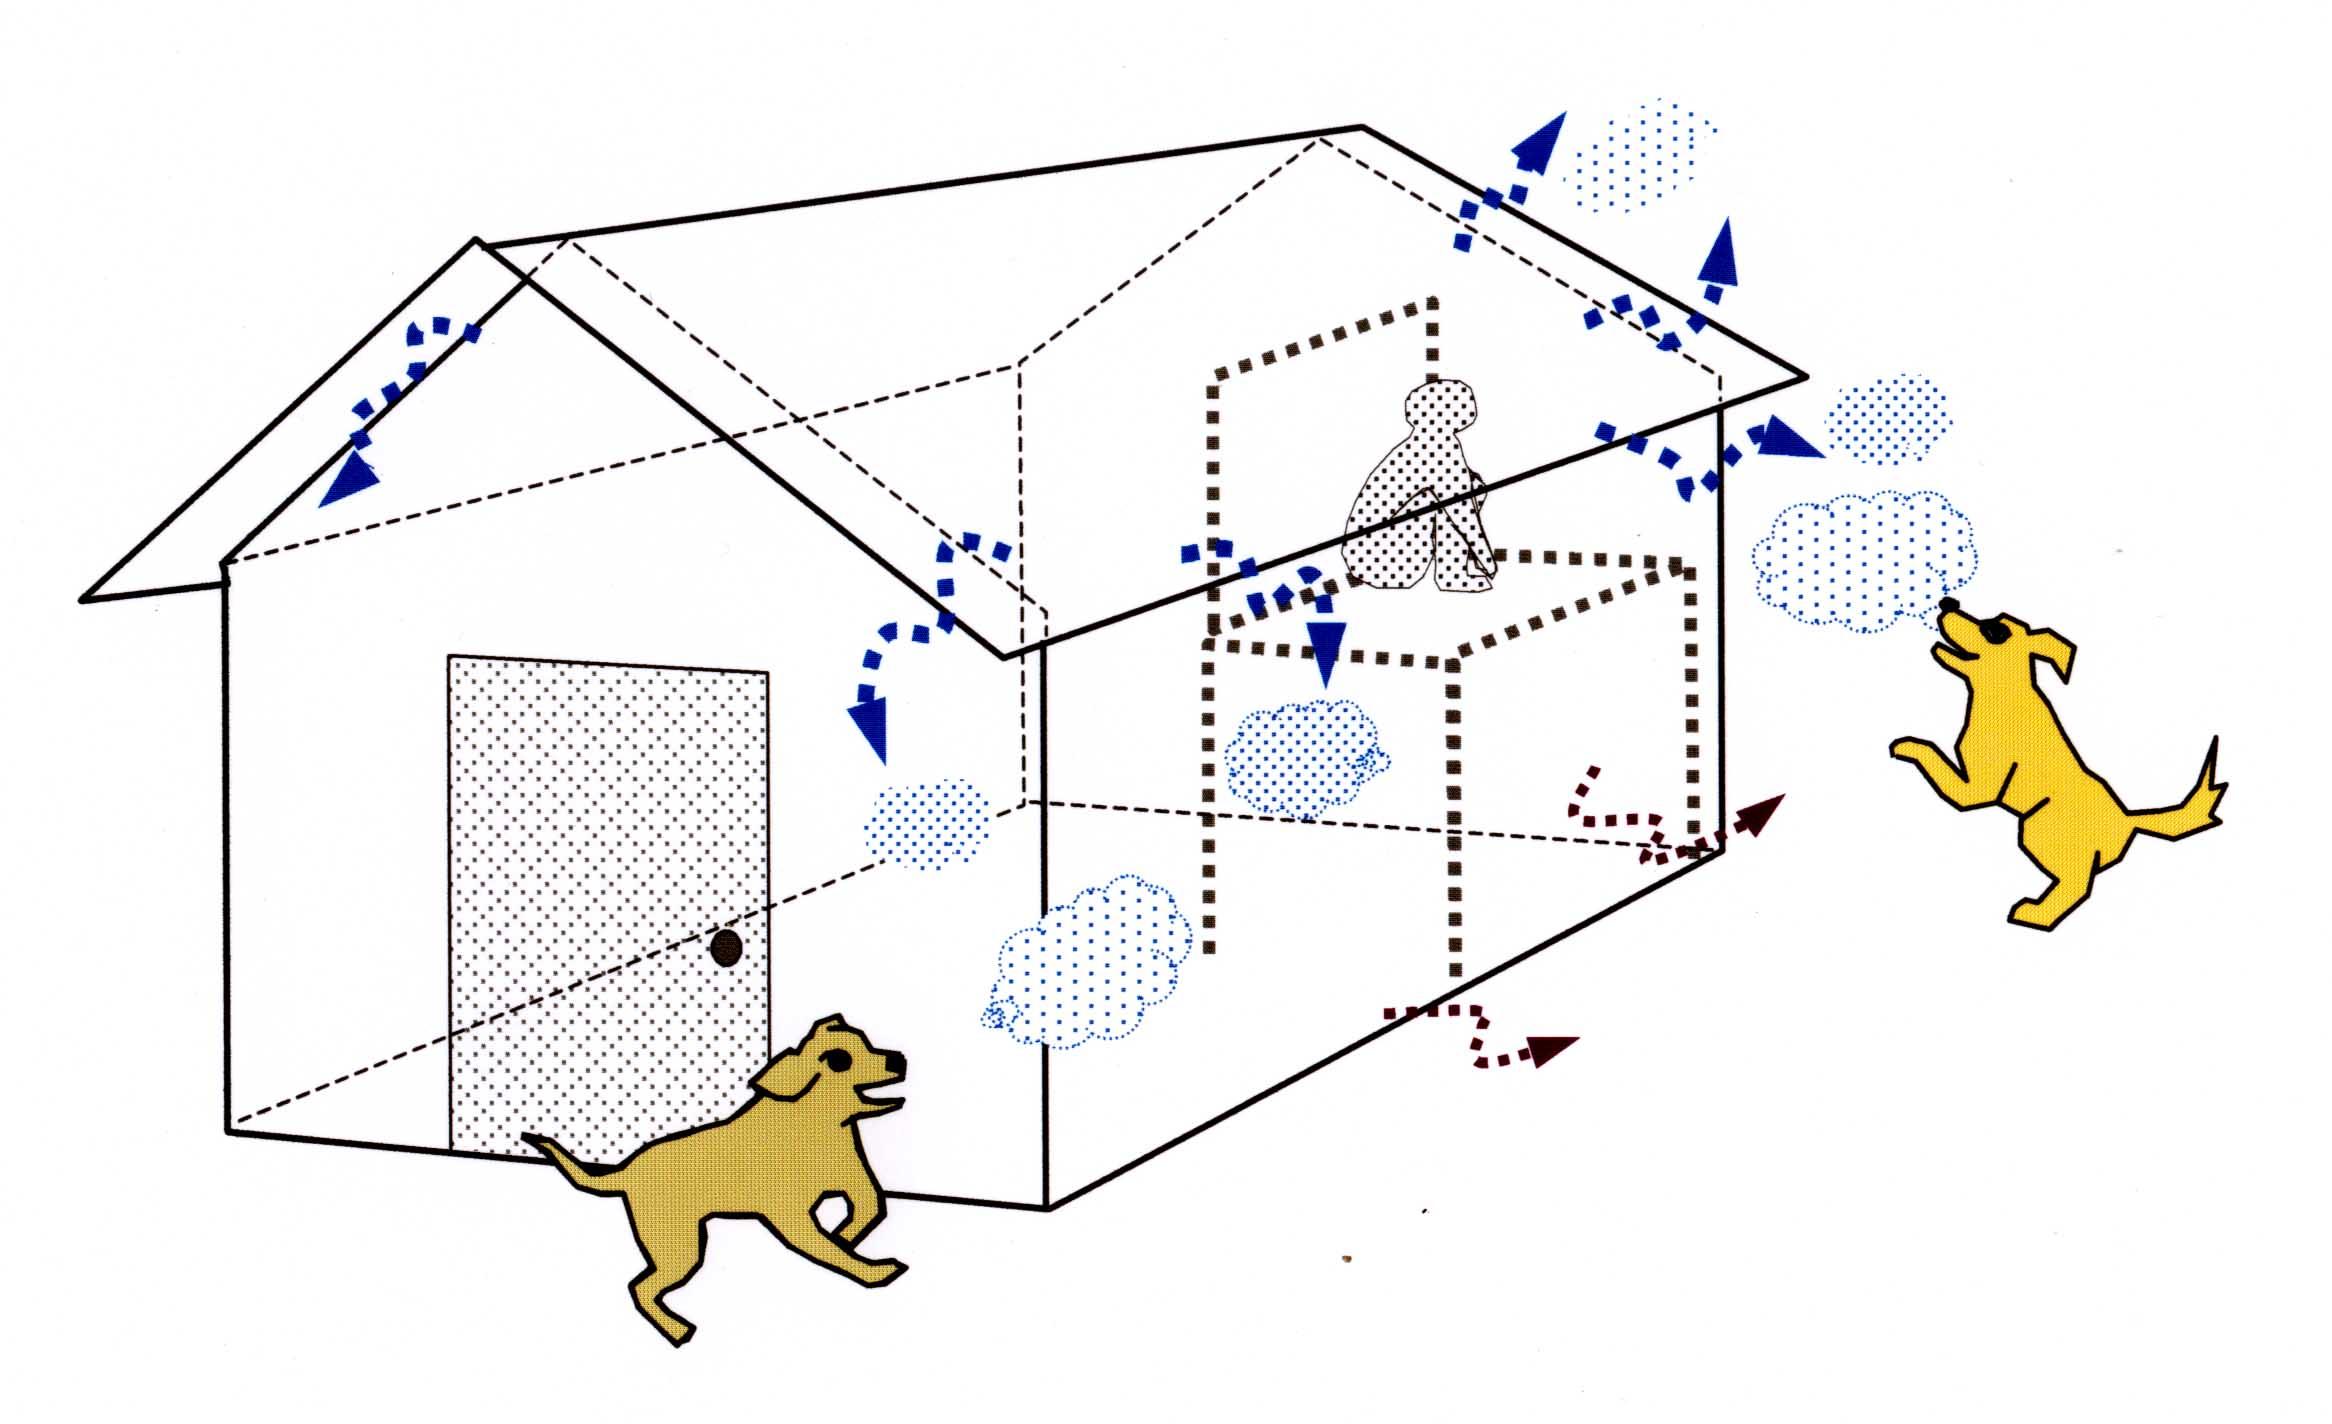 小屋からの臭いイメージ図